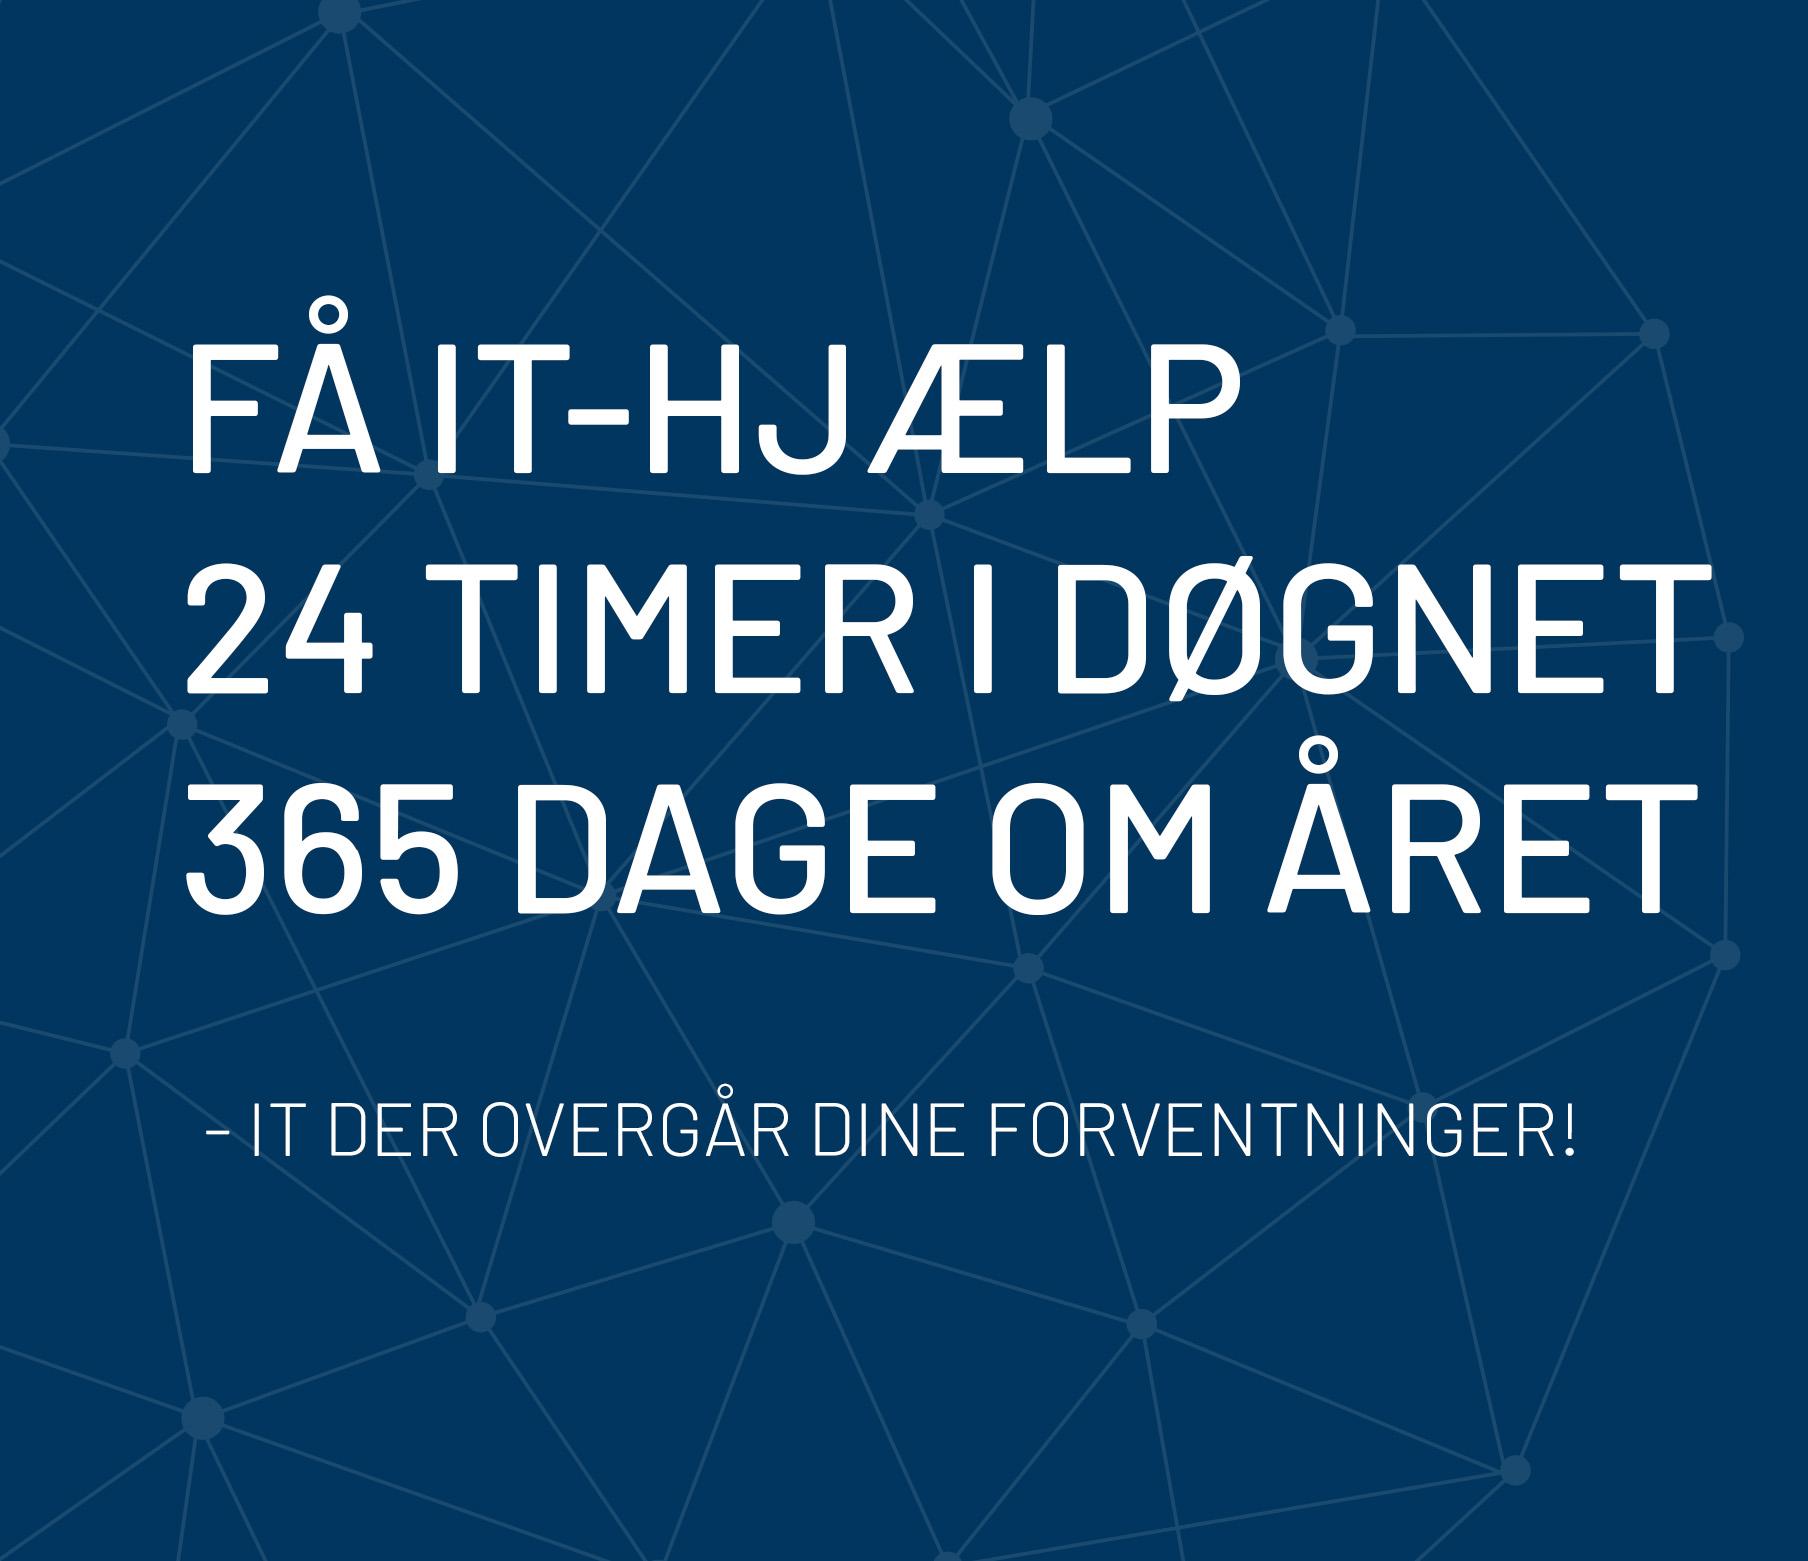 24/7 IT-support - Fiks IT